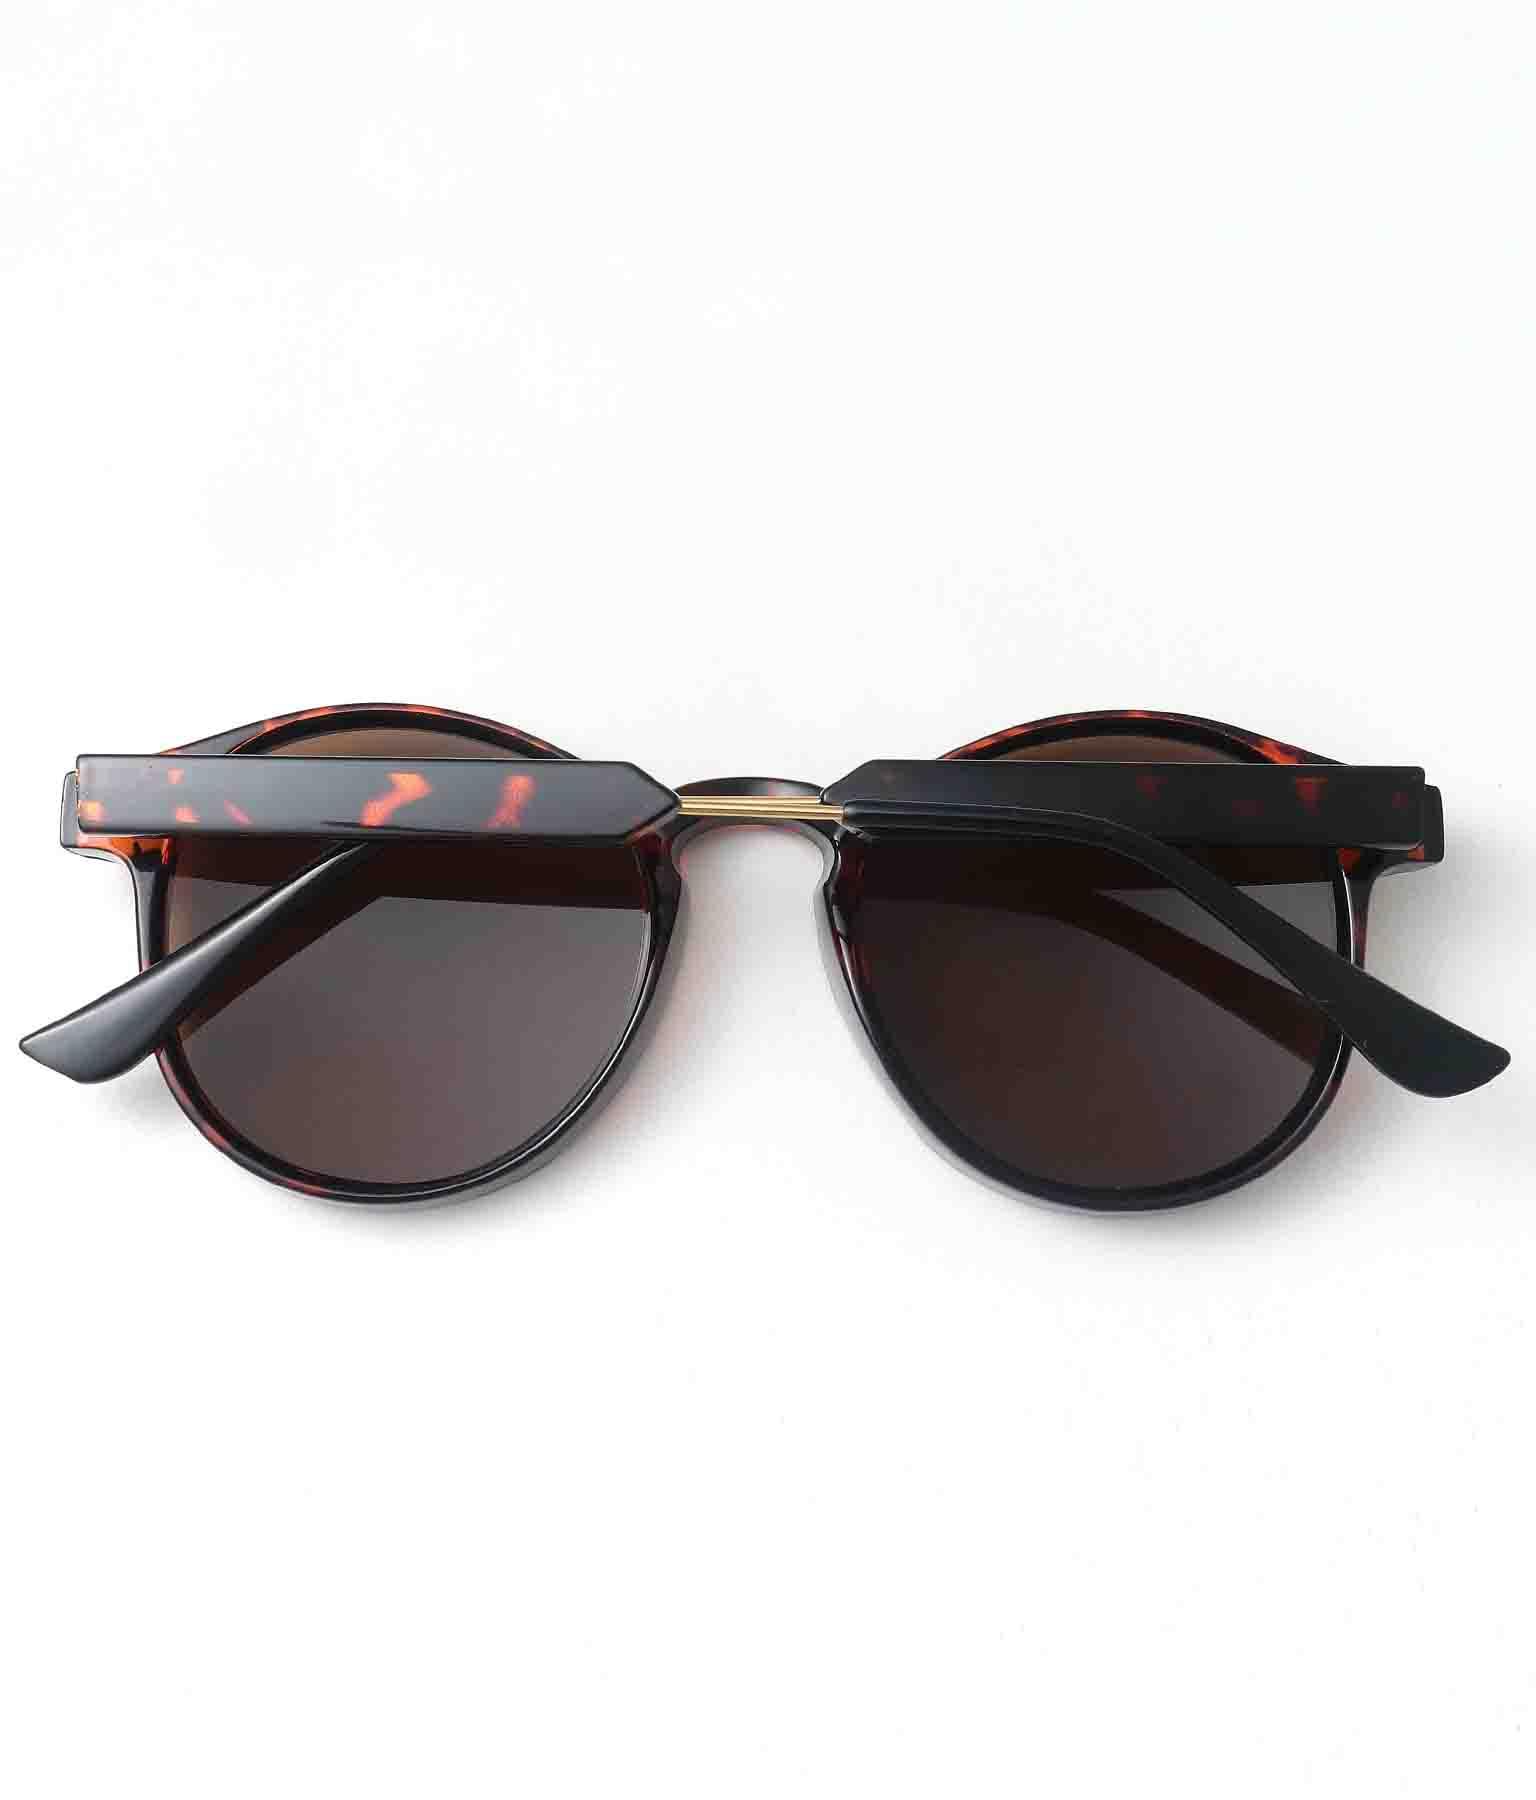 ボストン型サングラス(ファッション雑貨/サングラス) | anap mimpi